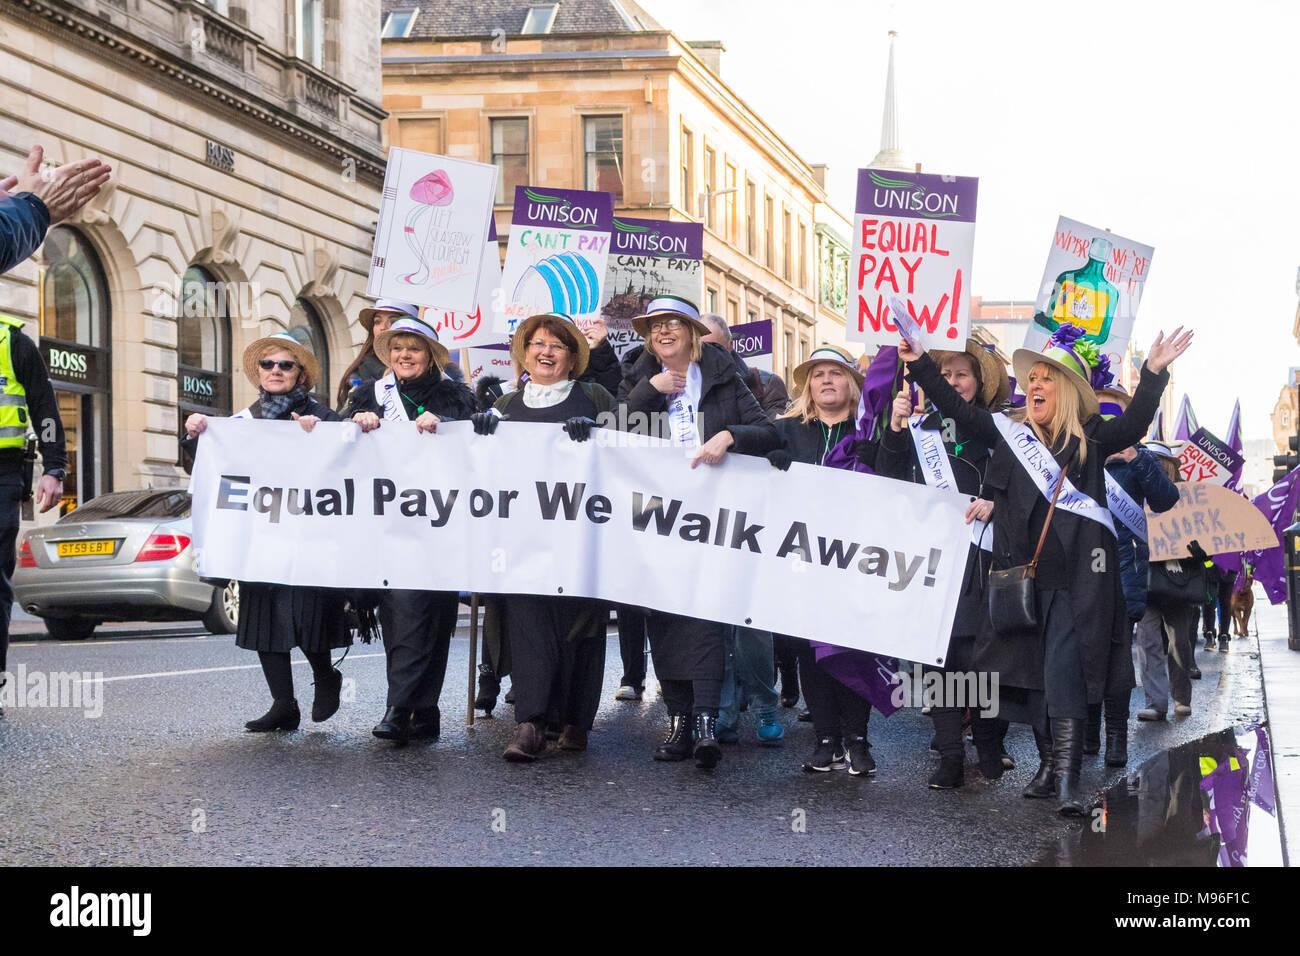 L'égalité de rémunération de protestation à Glasgow 10 Février 2018 Photo Stock